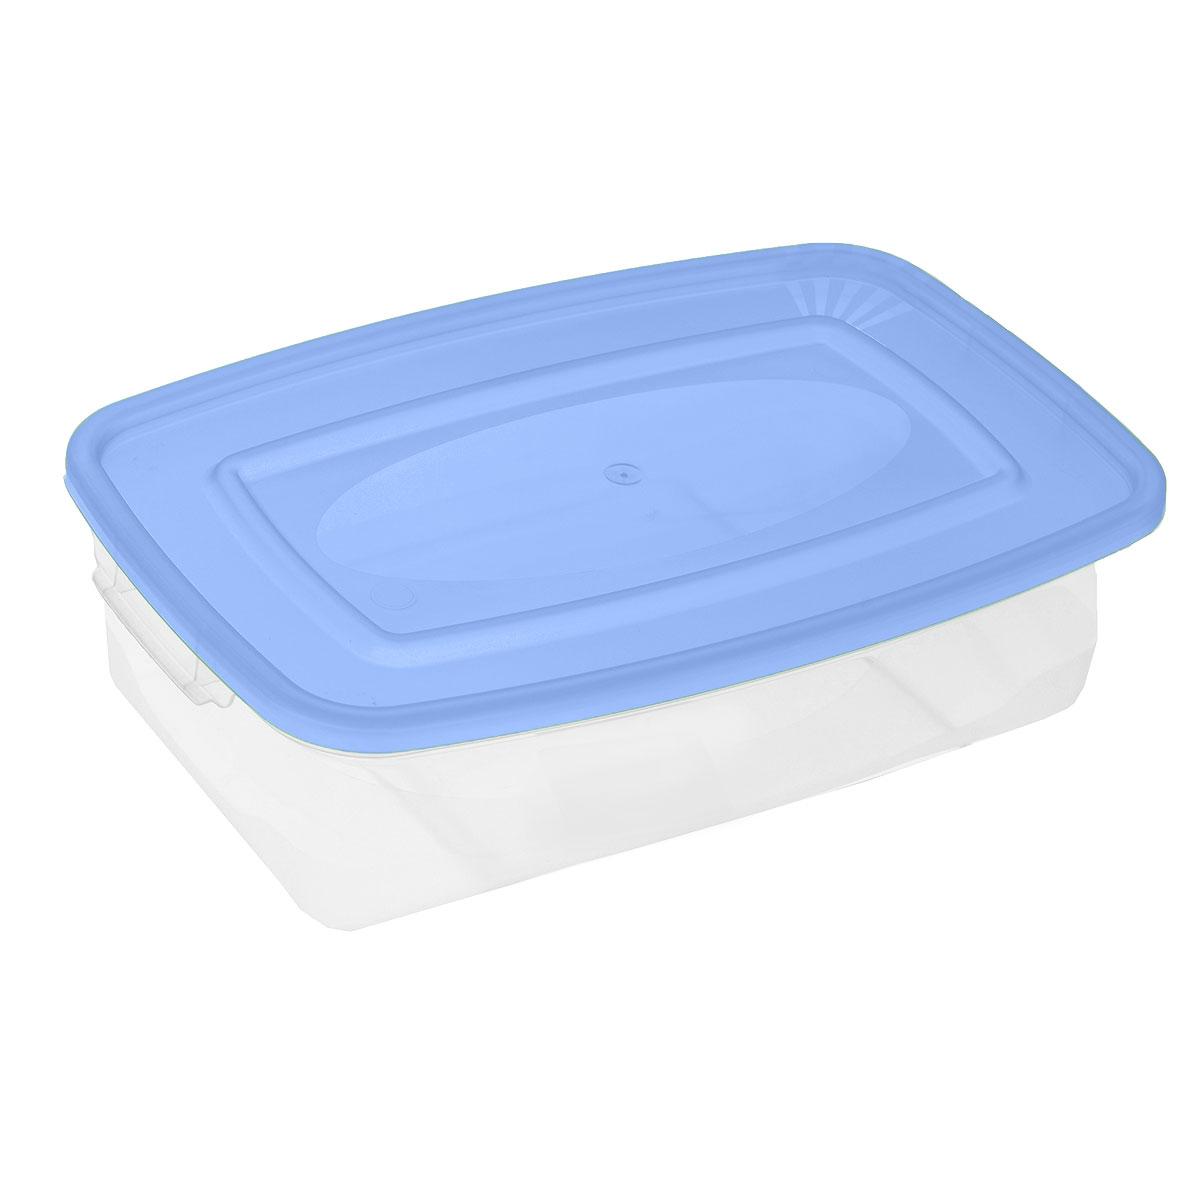 Контейнер для СВЧ Полимербыт Каскад, цвет: голубой, прозрачный, 700 мл391602Прямоугольный контейнер для СВЧ Полимербыт Каскад изготовлен из высококачественного прочного пластика, устойчивого к высоким температурам (до +120°С). Стенки контейнера прозрачные, что позволяет видеть содержимое. Цветная полупрозрачная крышка плотно закрывается. Контейнер идеально подходит для хранения пищи, его удобно брать с собой на работу, учебу, пикник или просто использовать для хранения пищи в холодильнике.Можно использовать в микроволновой печи и для заморозки в морозильной камере. Можно мыть в посудомоечной машине.